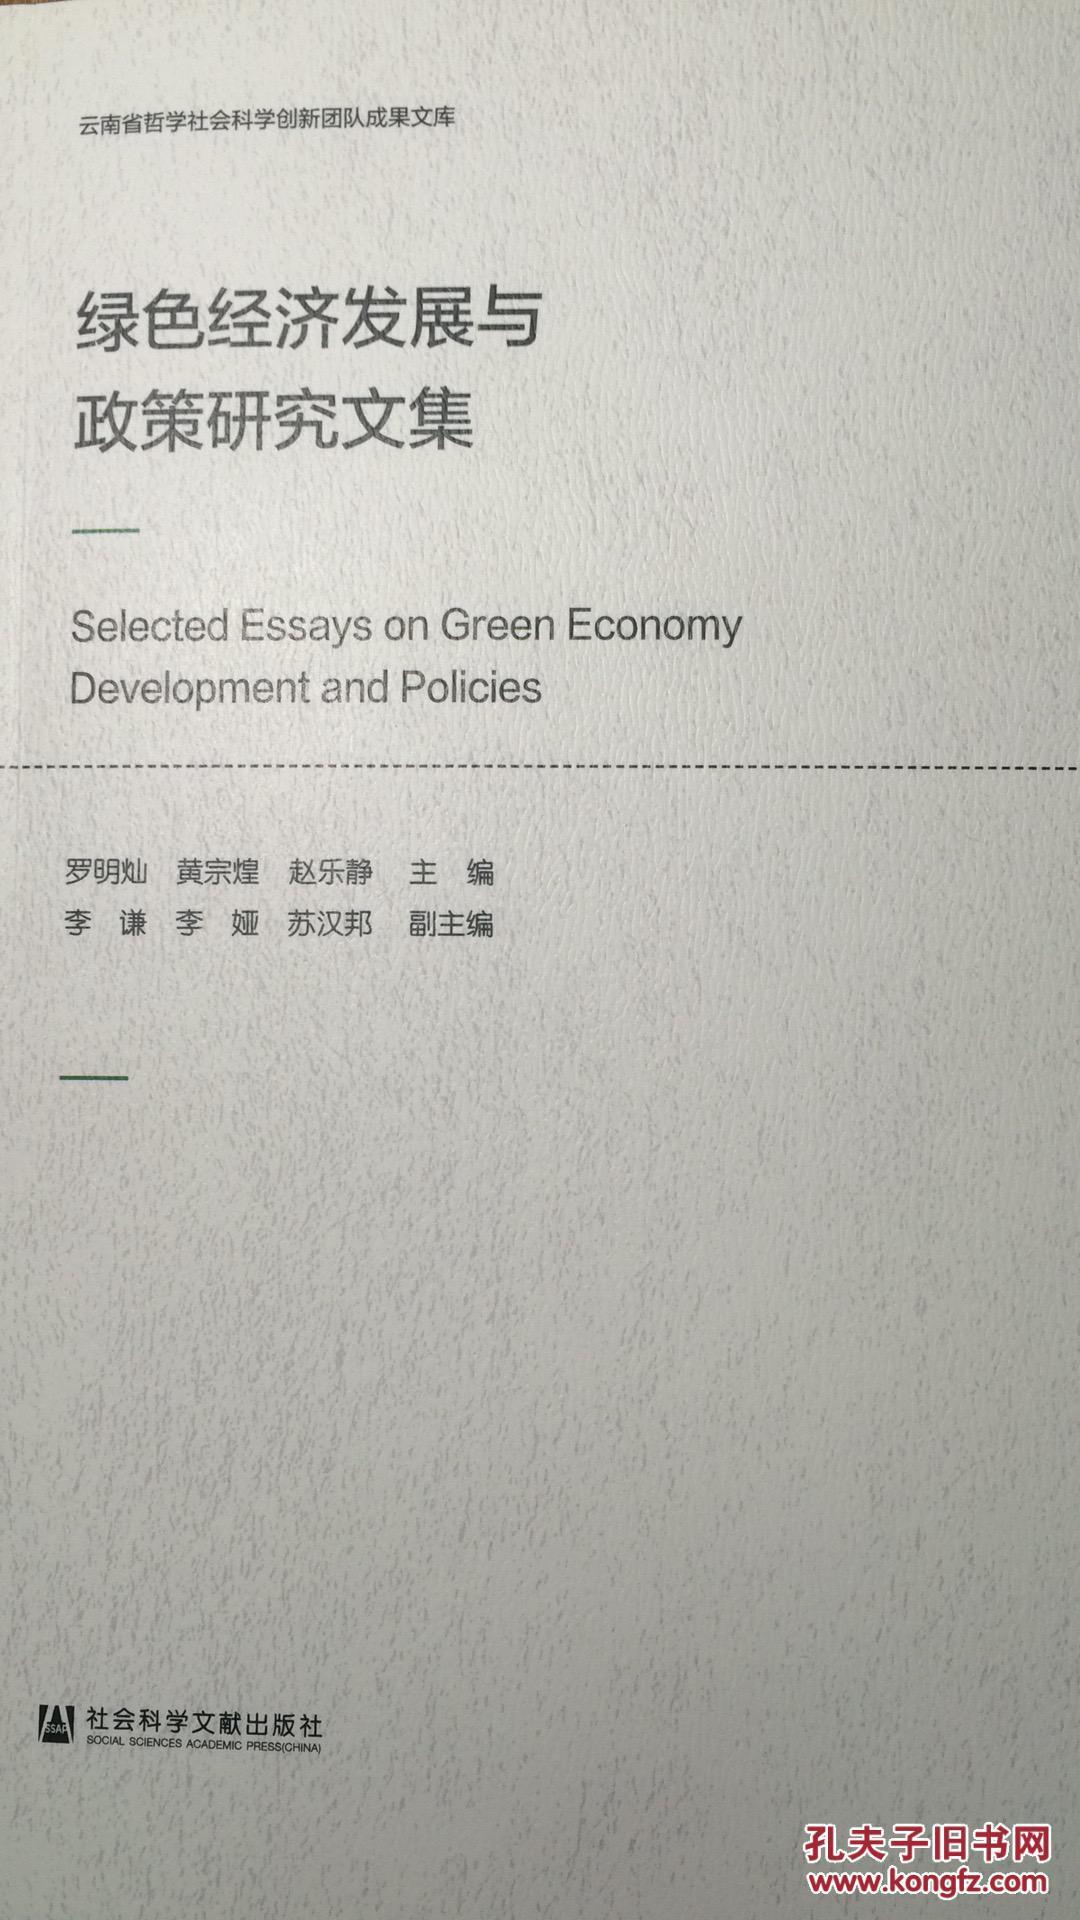 绿色经济发展与政策研究文集